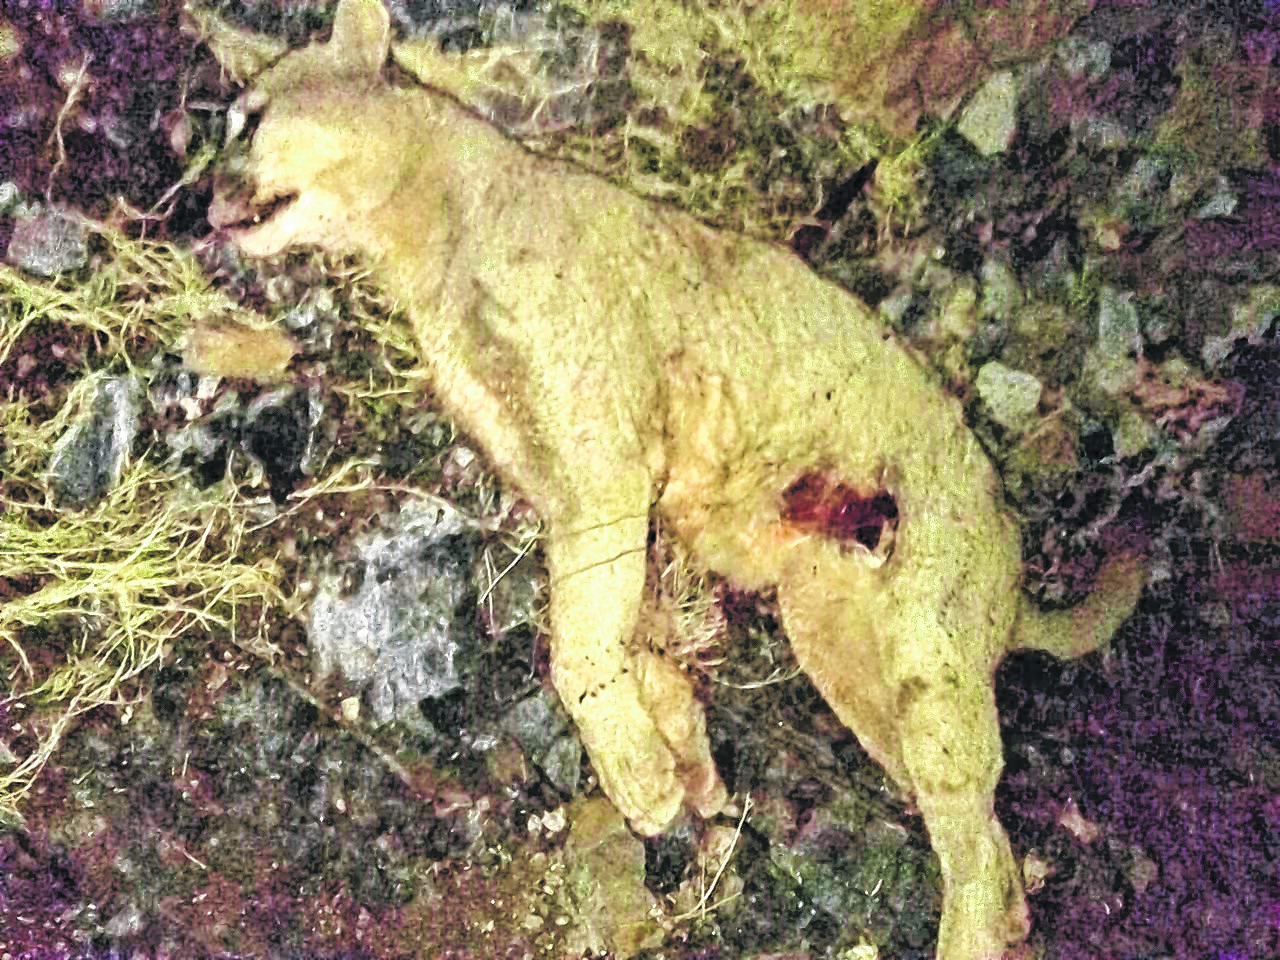 Un campesino fue rescatado tras enfrentarse con un puma — Río Negro